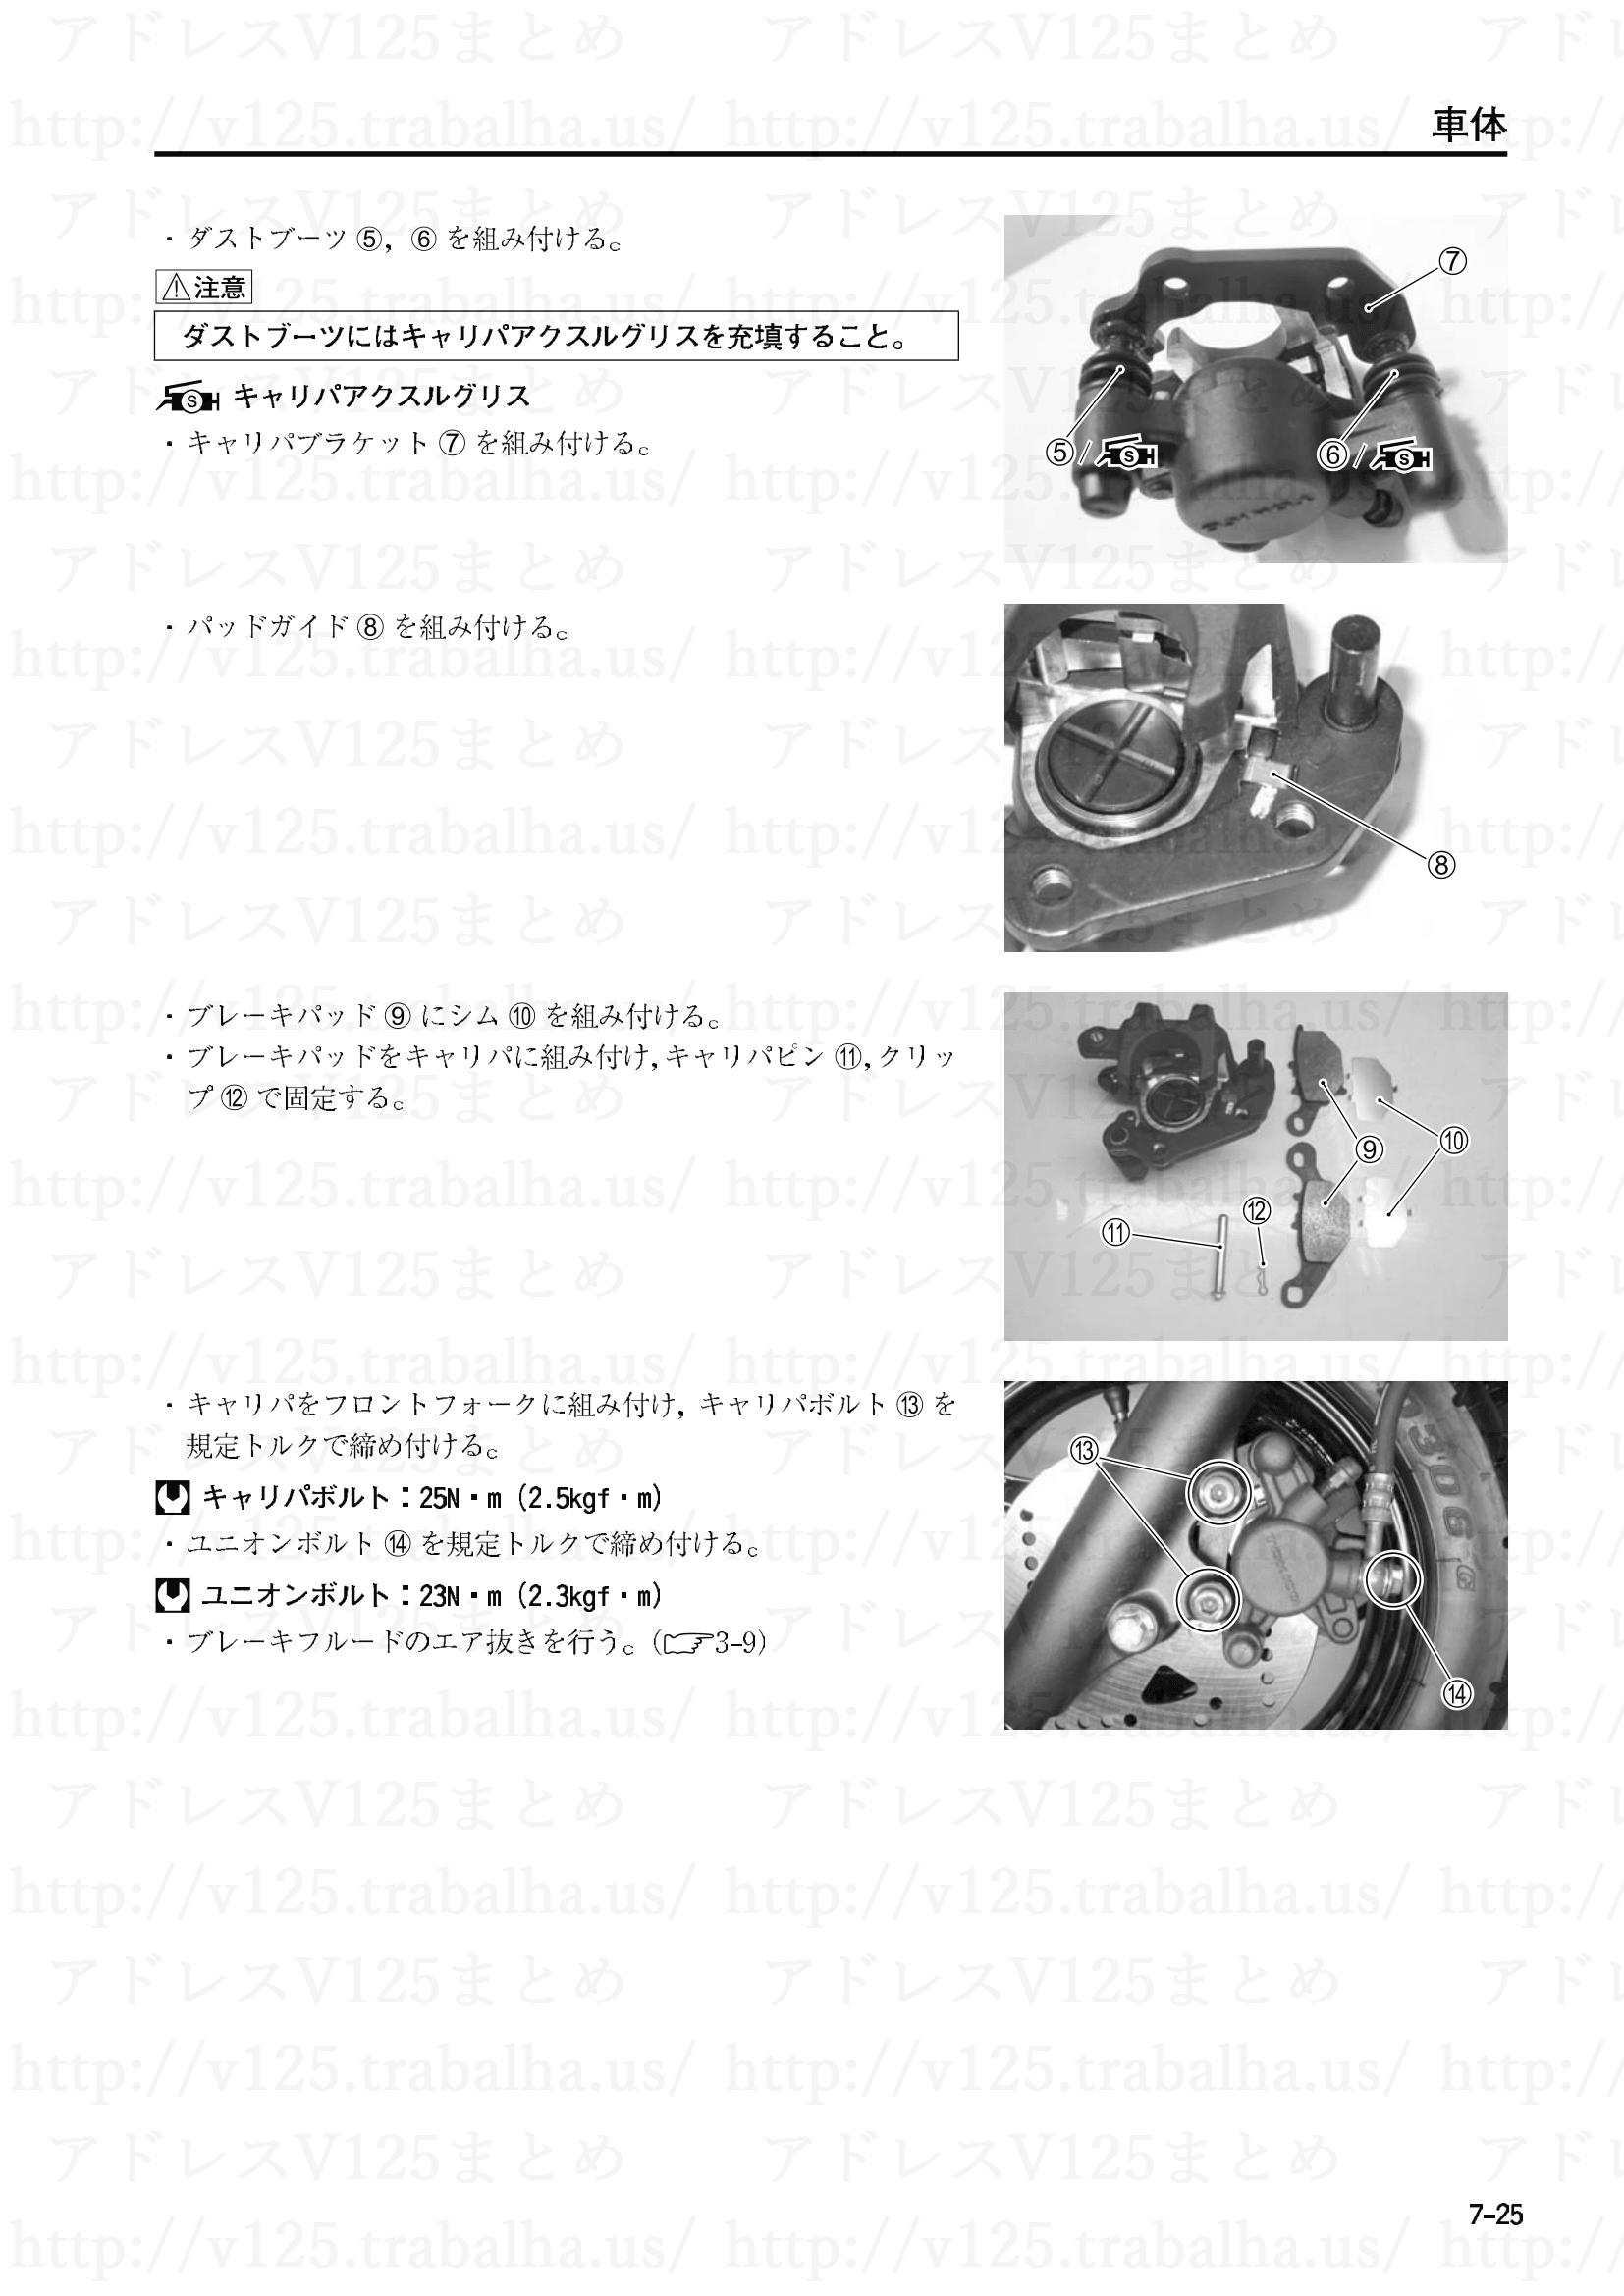 7-25【車体】キャリパの点検2